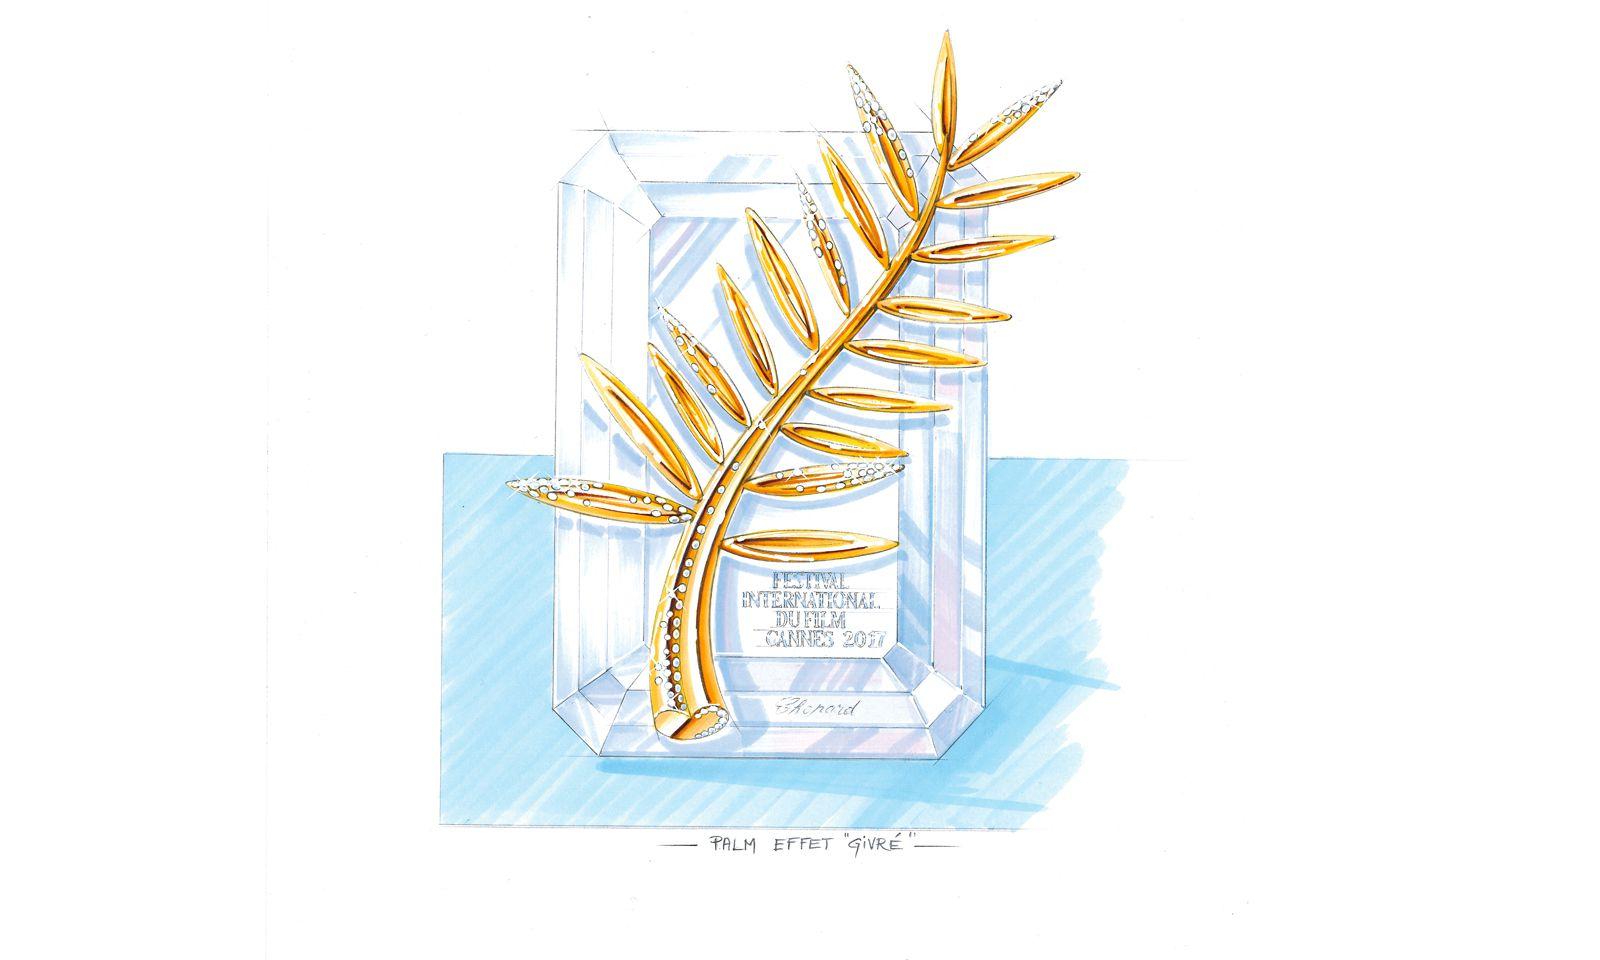 Auszeichnung. Zum 20. Jubiläum hat die Goldene Palme an Diamanten gewonnen.